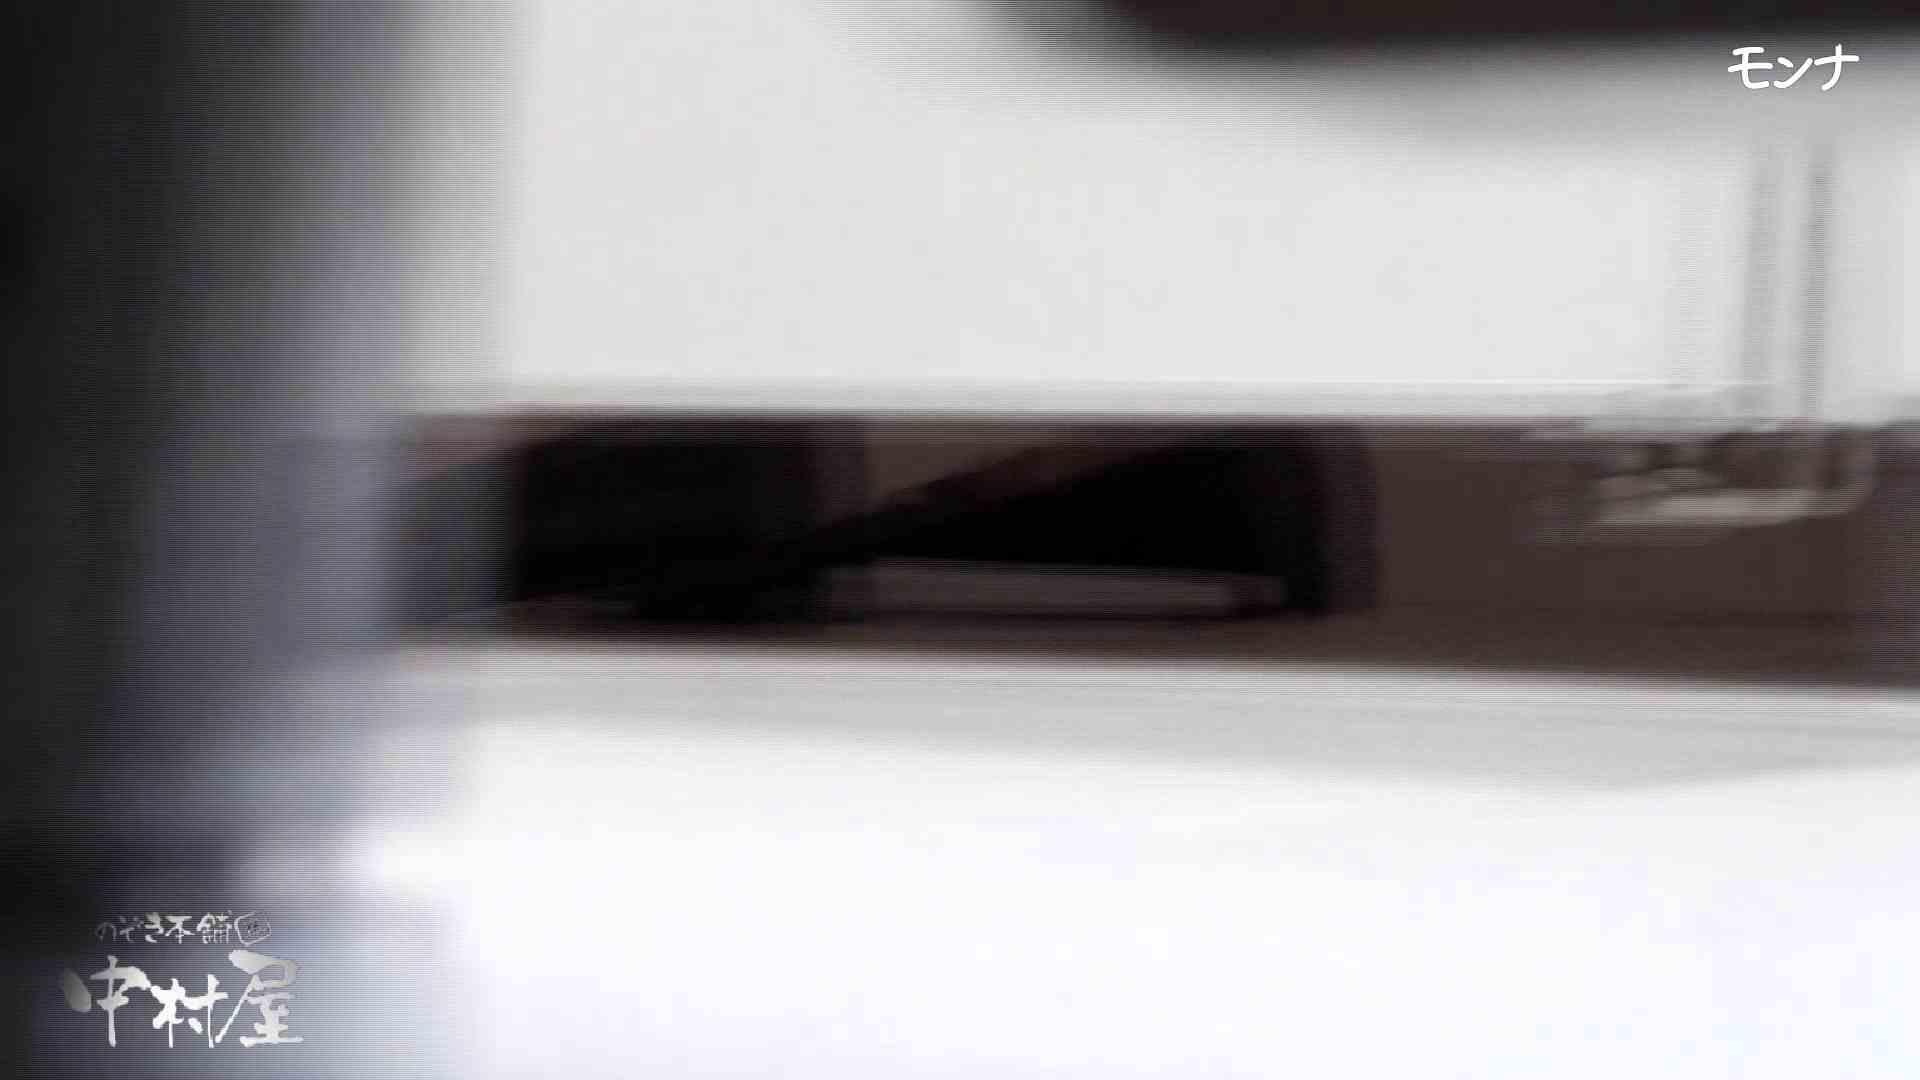 美しい日本の未来 No.66 無修正マンコ オマンコ無修正動画無料 73連発 33